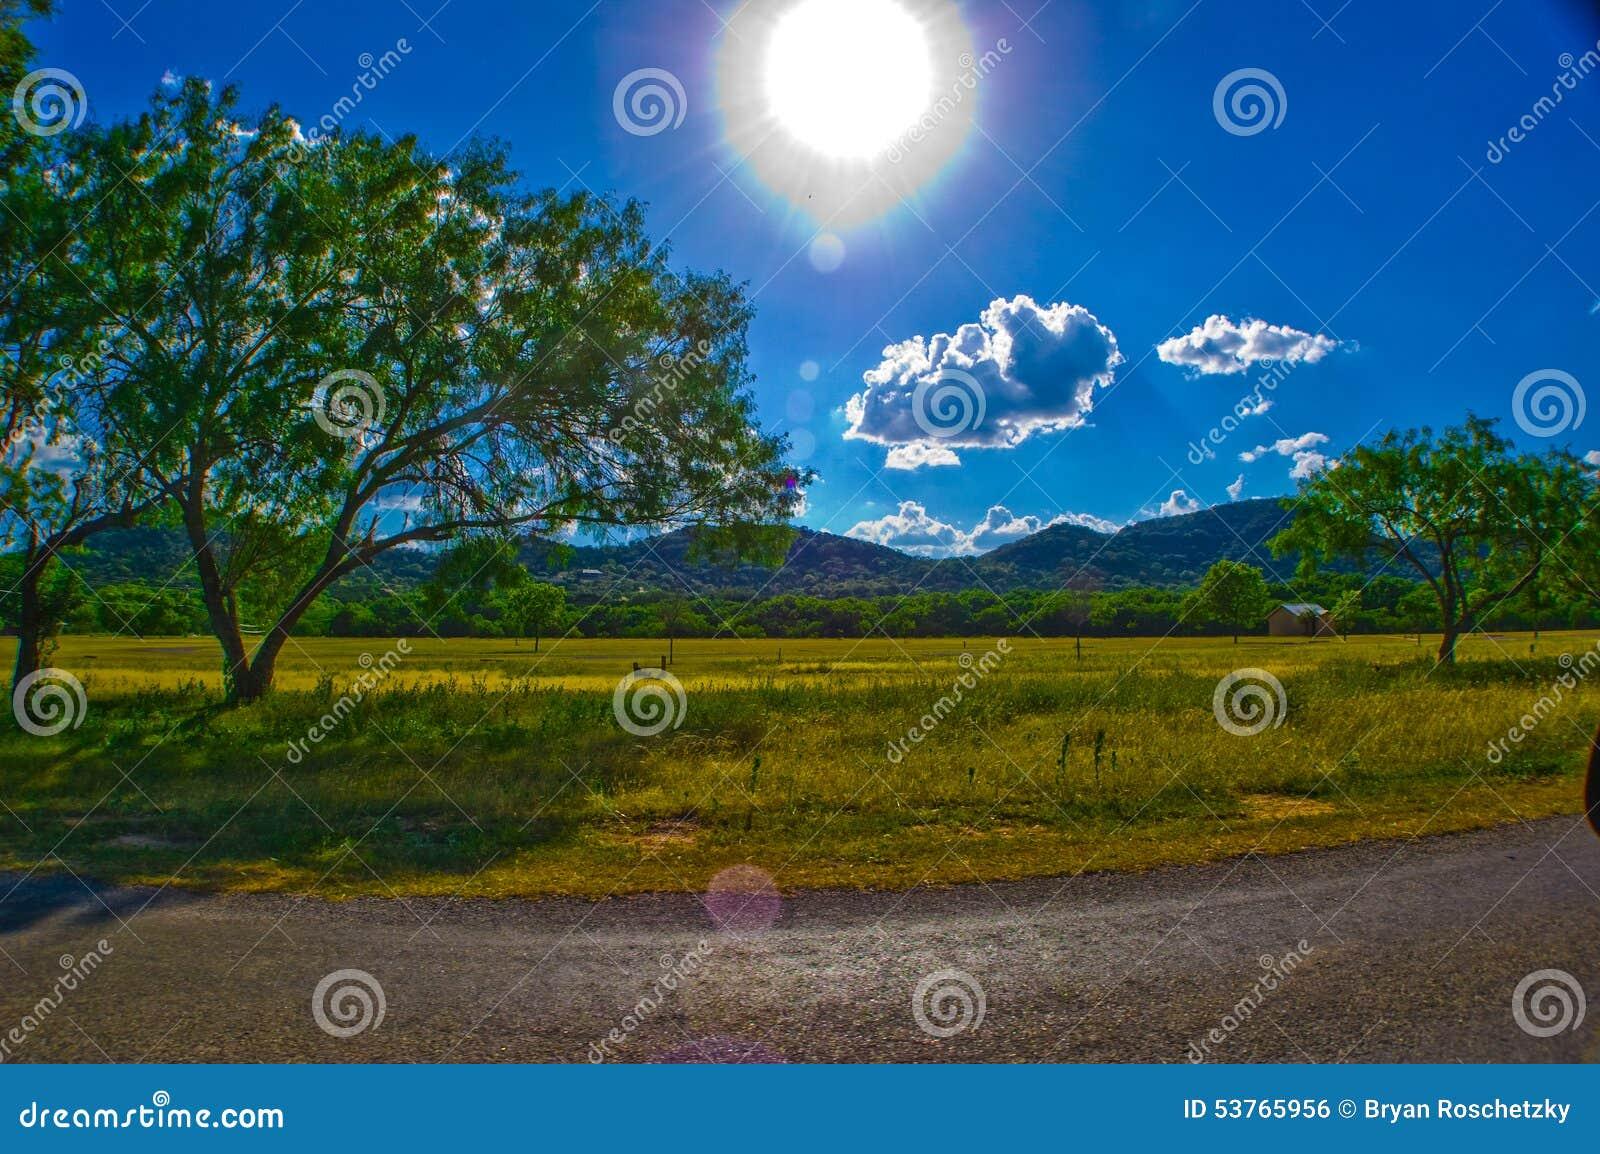 País Sunny Summer Bliss de Garner State Park Texas Hill